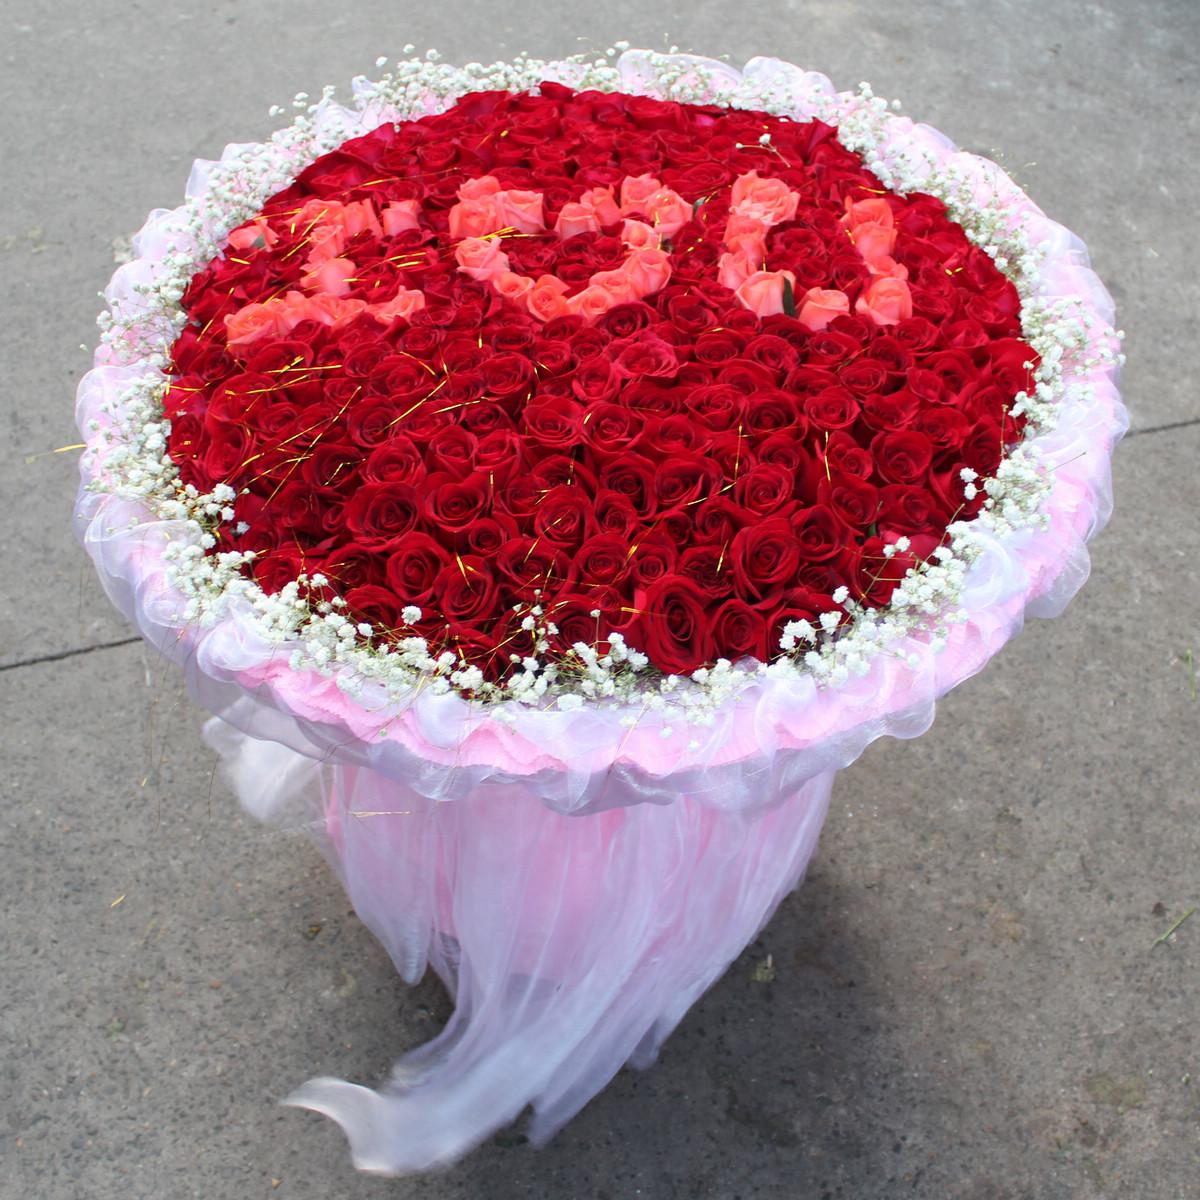 七夕情人节鲜花速递_朵美鲜花卡通礼品七夕情人节鲜花速递99朵粉